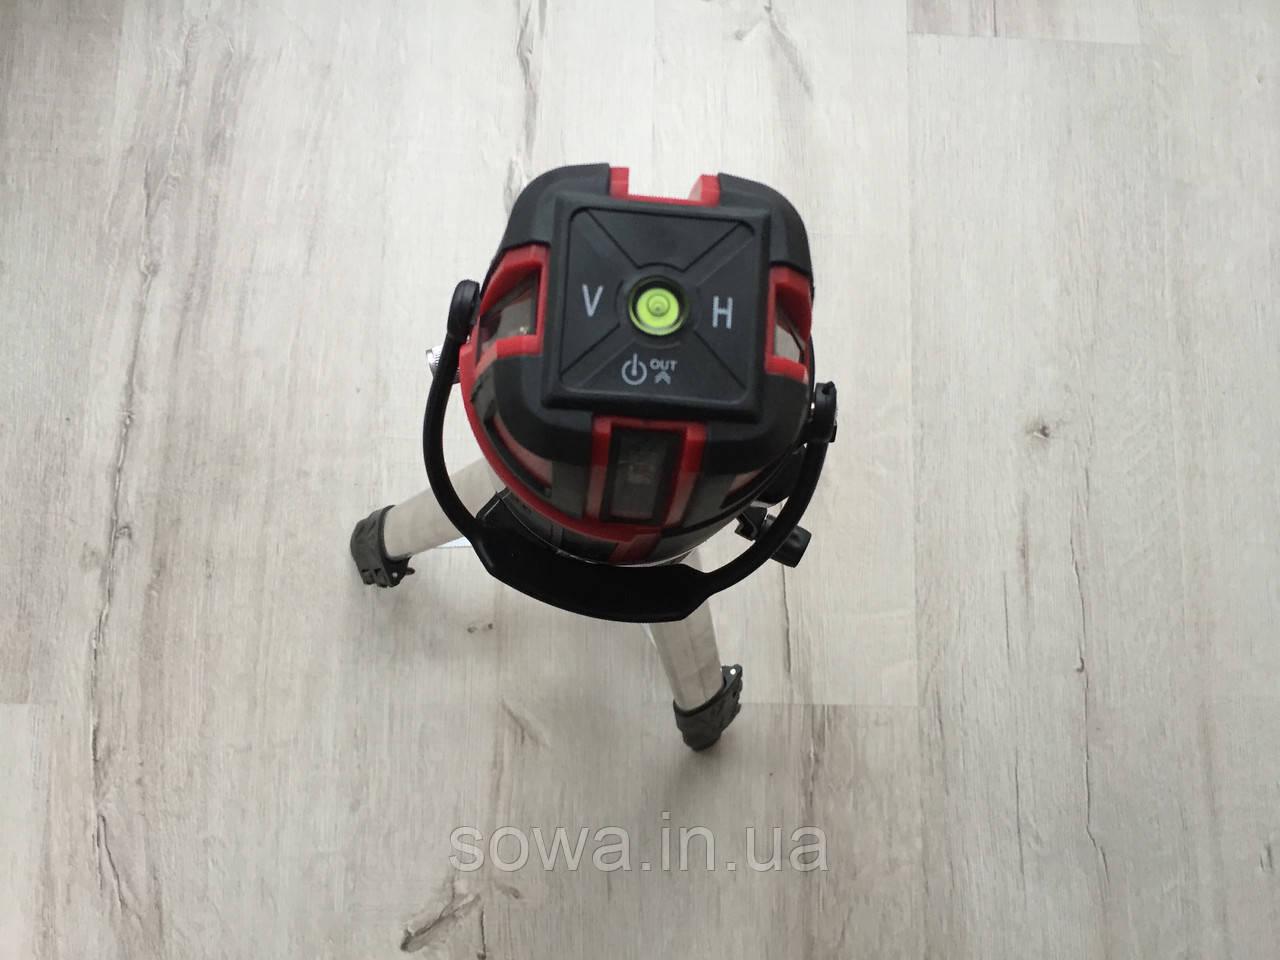 ✔️ Лазерный уровень, нивелир Max MXNL 03